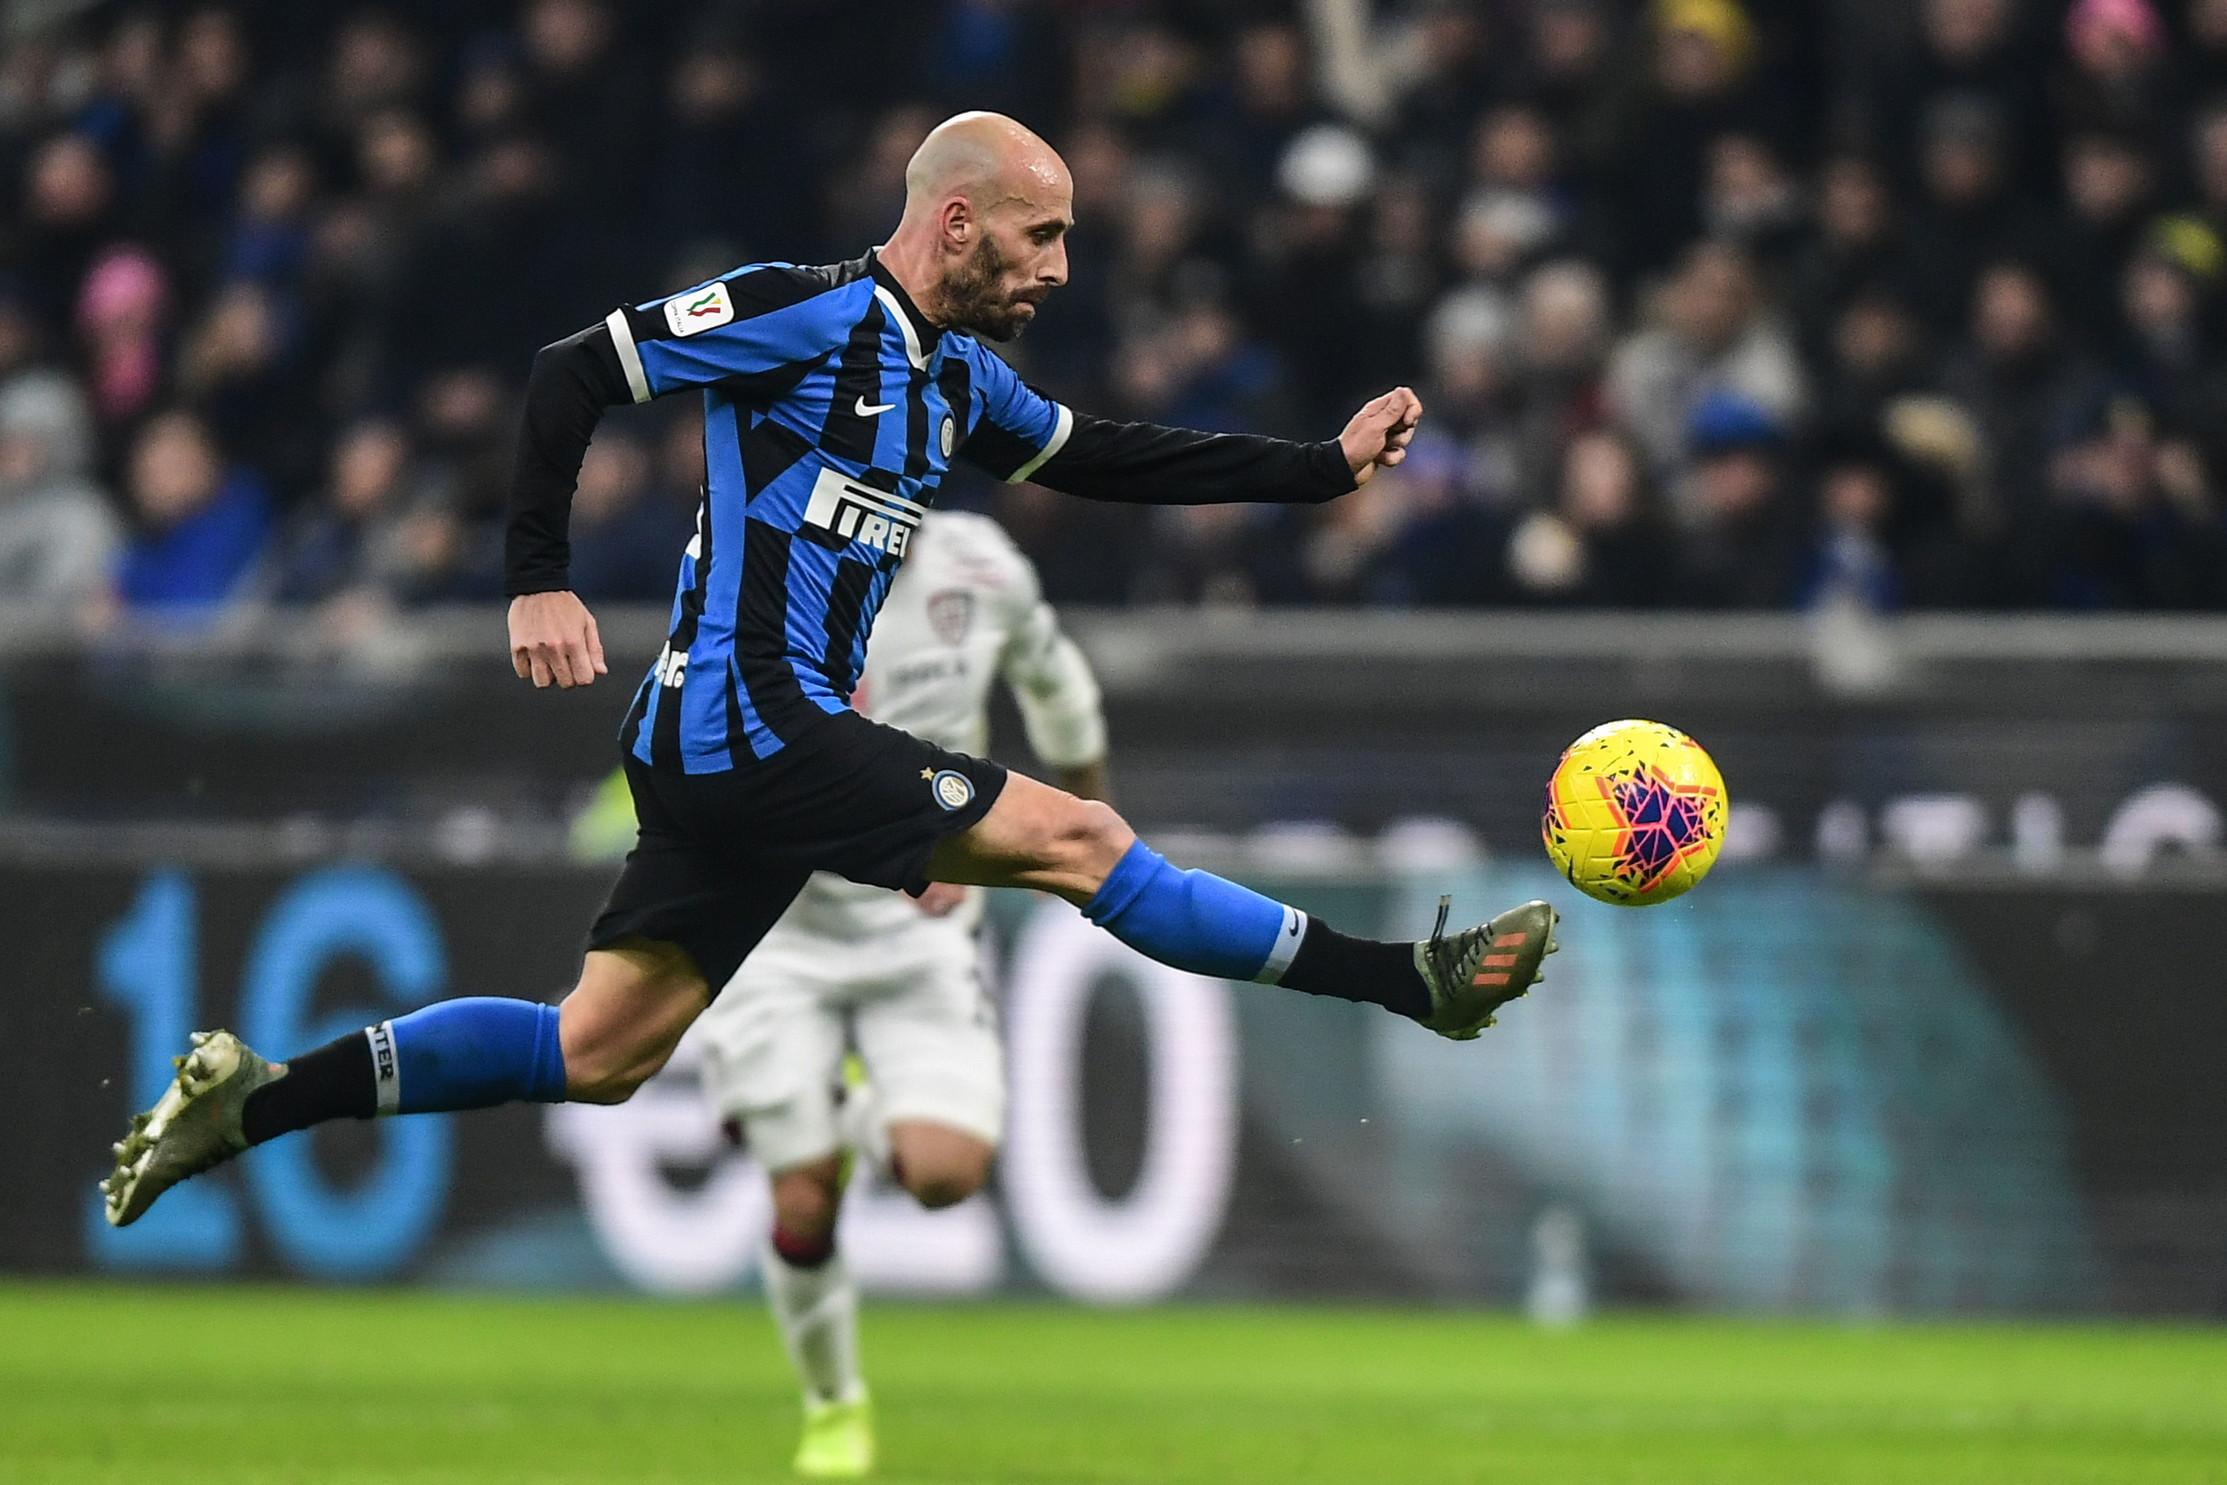 Inter: Borja Valero (foto), Berni, Young (anche in prestito) e Padelli